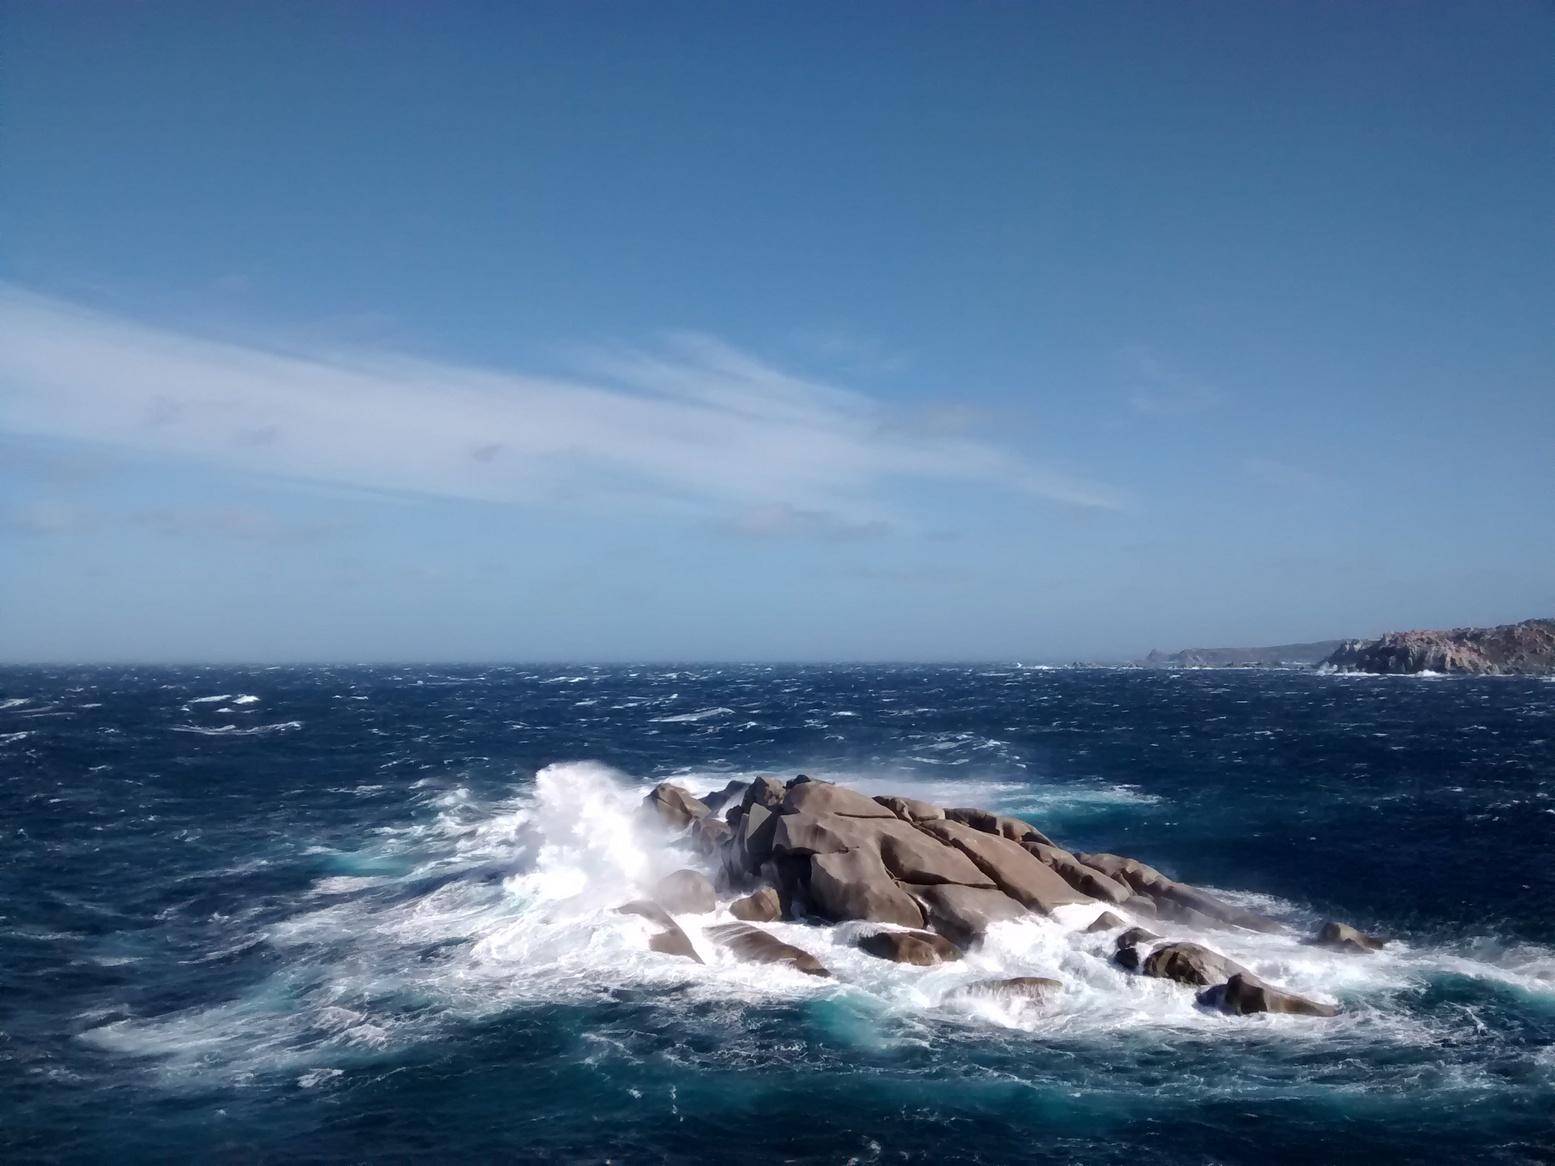 Les vagues faisaient au moins 5m!